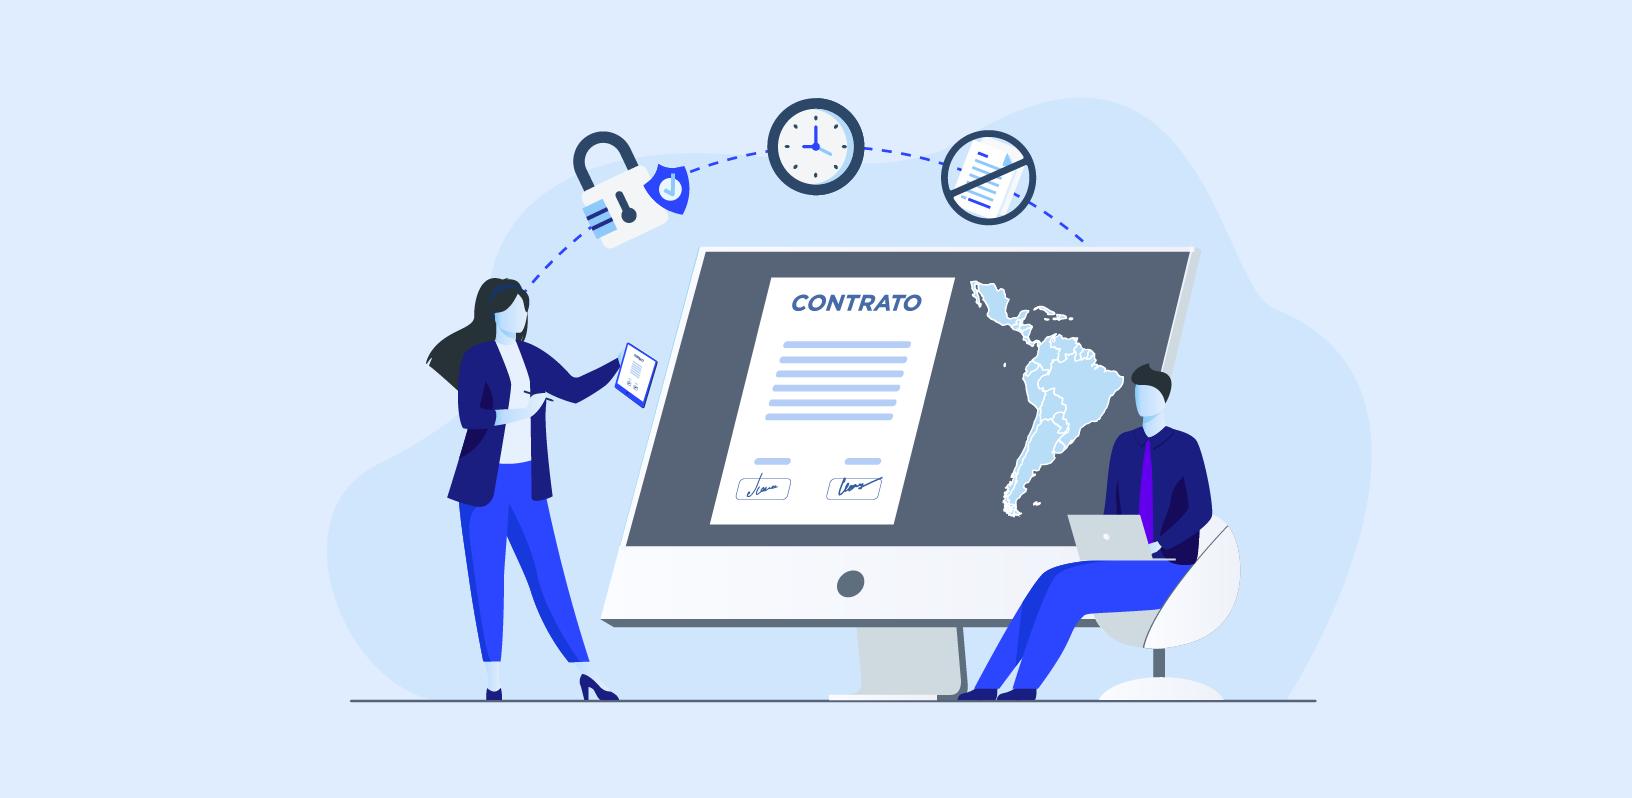 La firma electrónica o digital en Latinoamérica: tipos de firmas y sus ventajas (II)